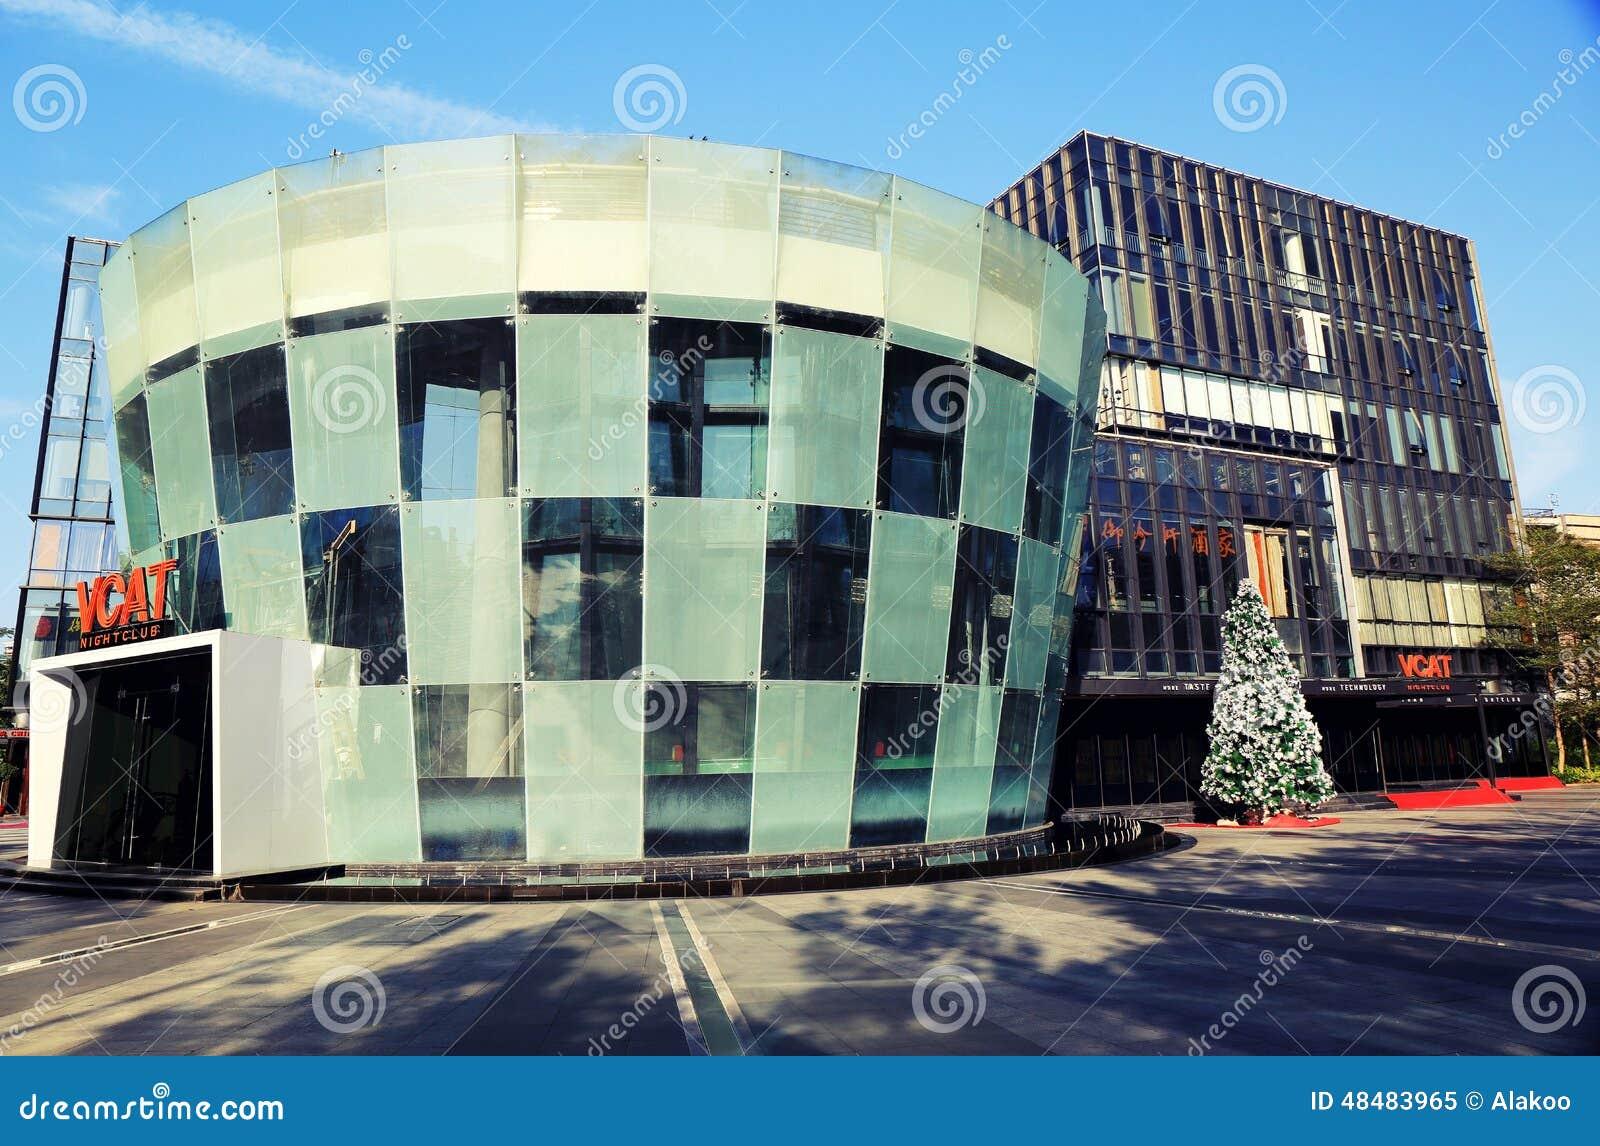 Fachada Del Hotel Y Del Restaurante Edificio Moderno Del